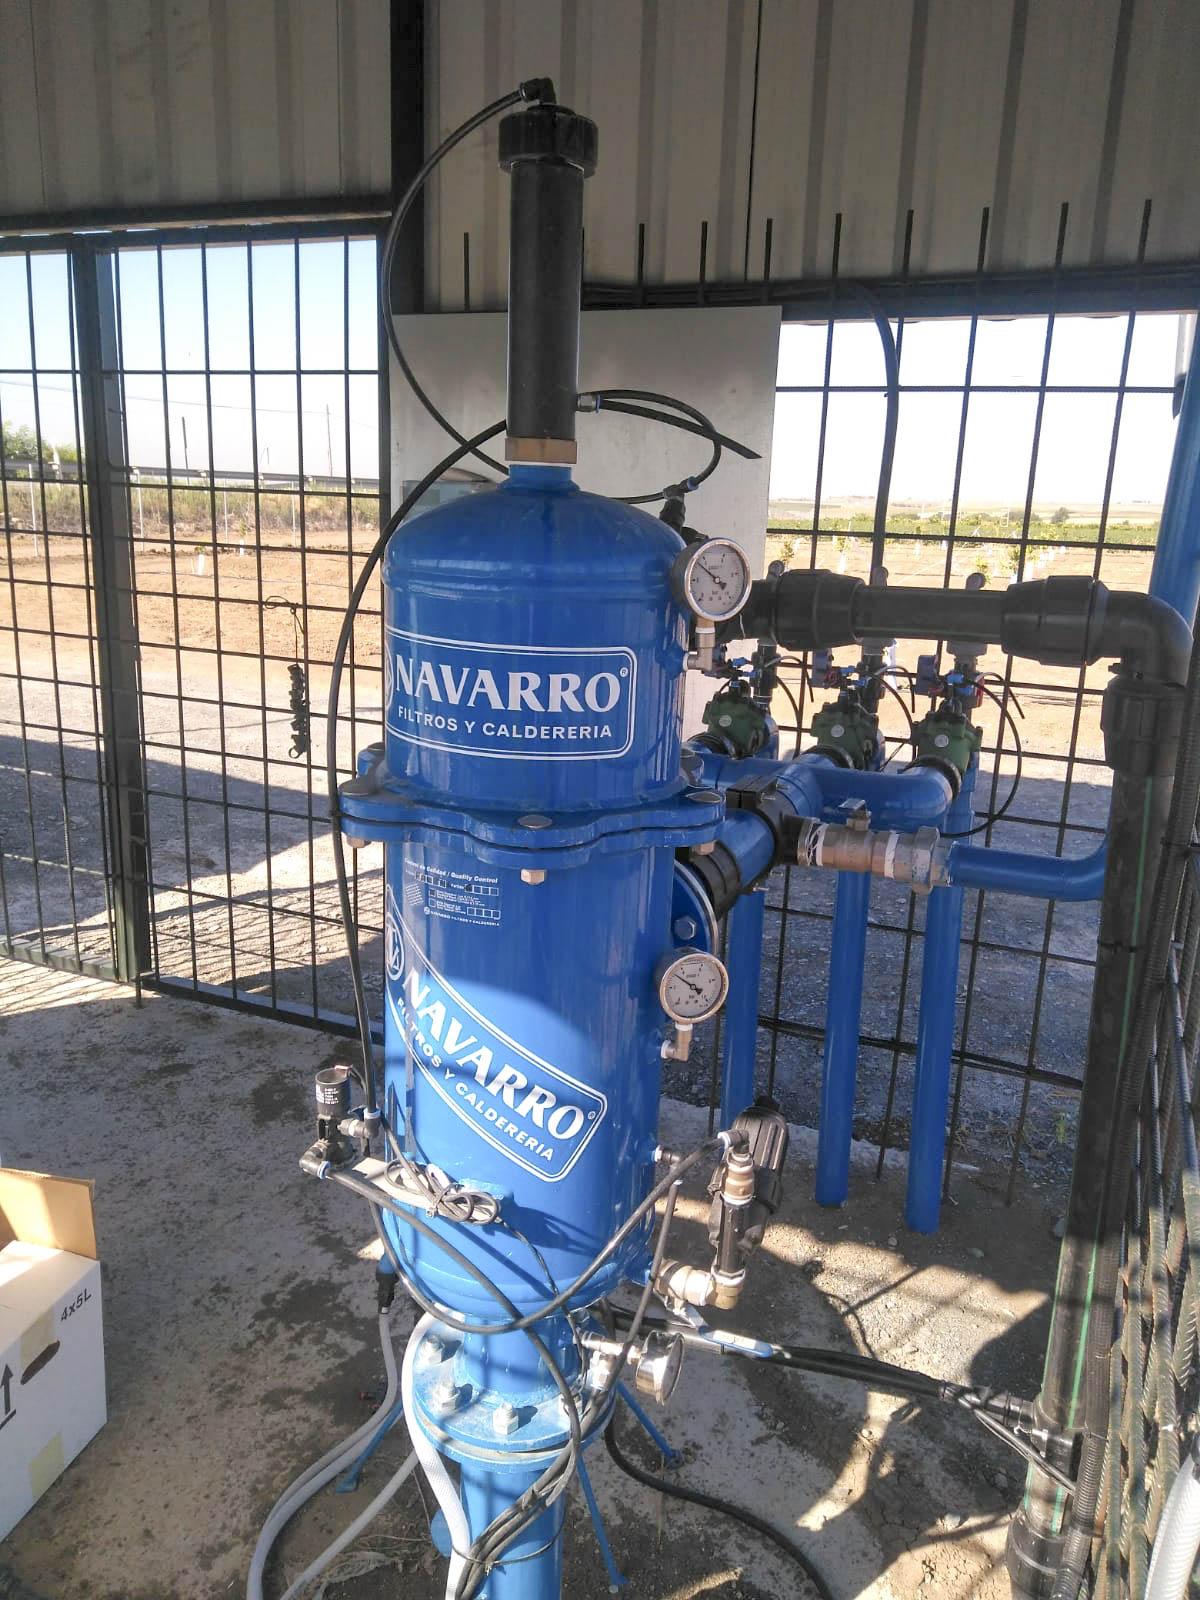 Navarro Filtros y calderería Nuevas Instalaciones Julio 2018